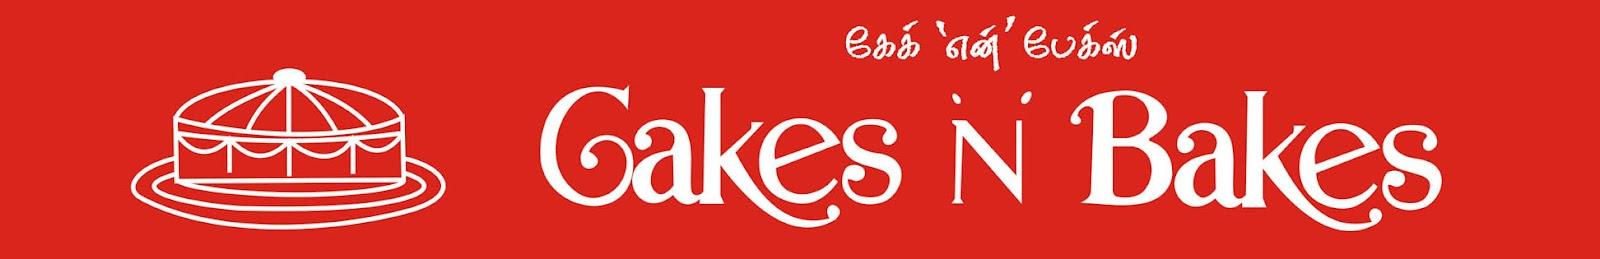 Cakes N Bakes Chennai Tamil Nadu